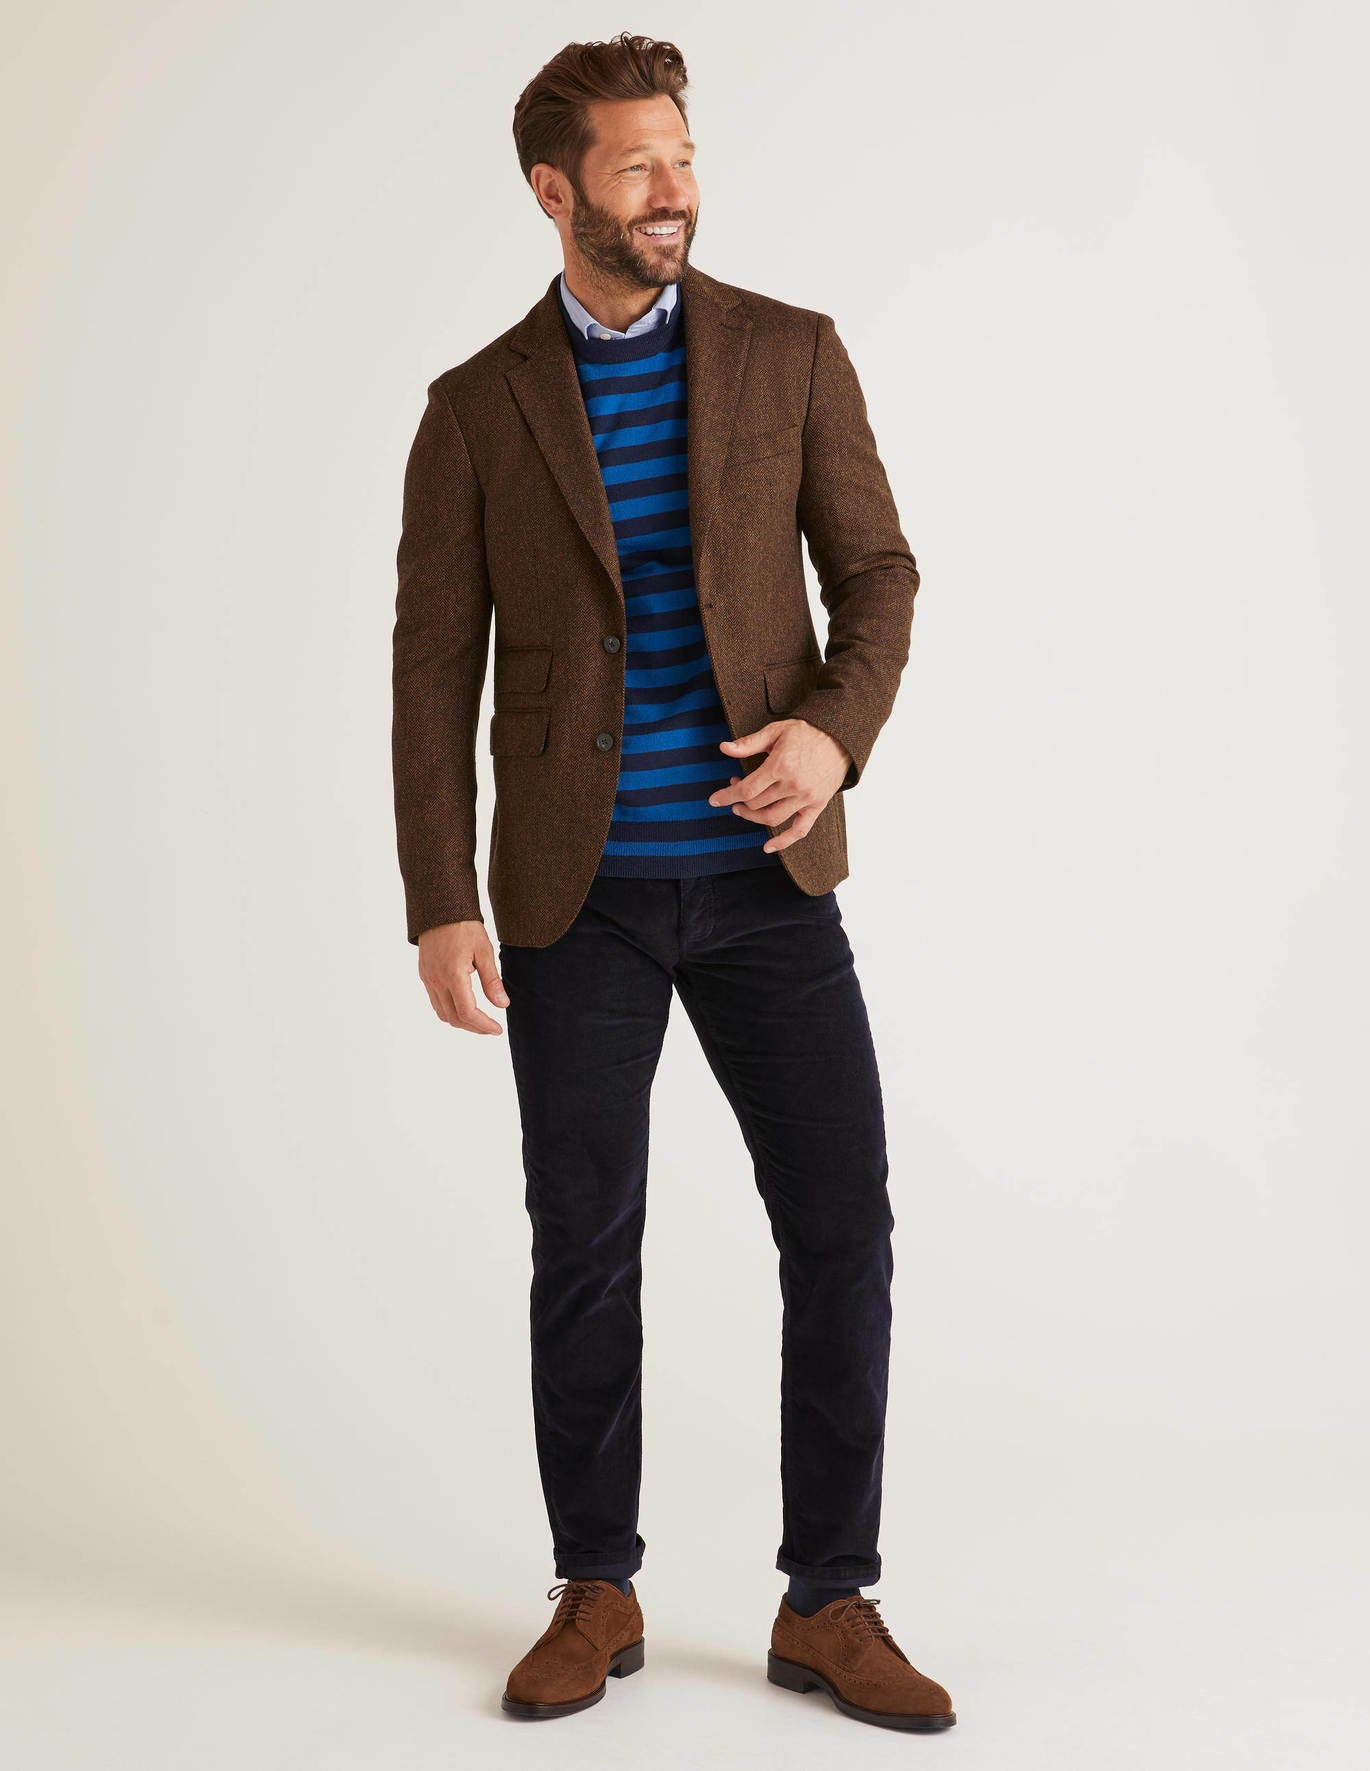 Middleham Tweed Blazer - Brown Herringbone